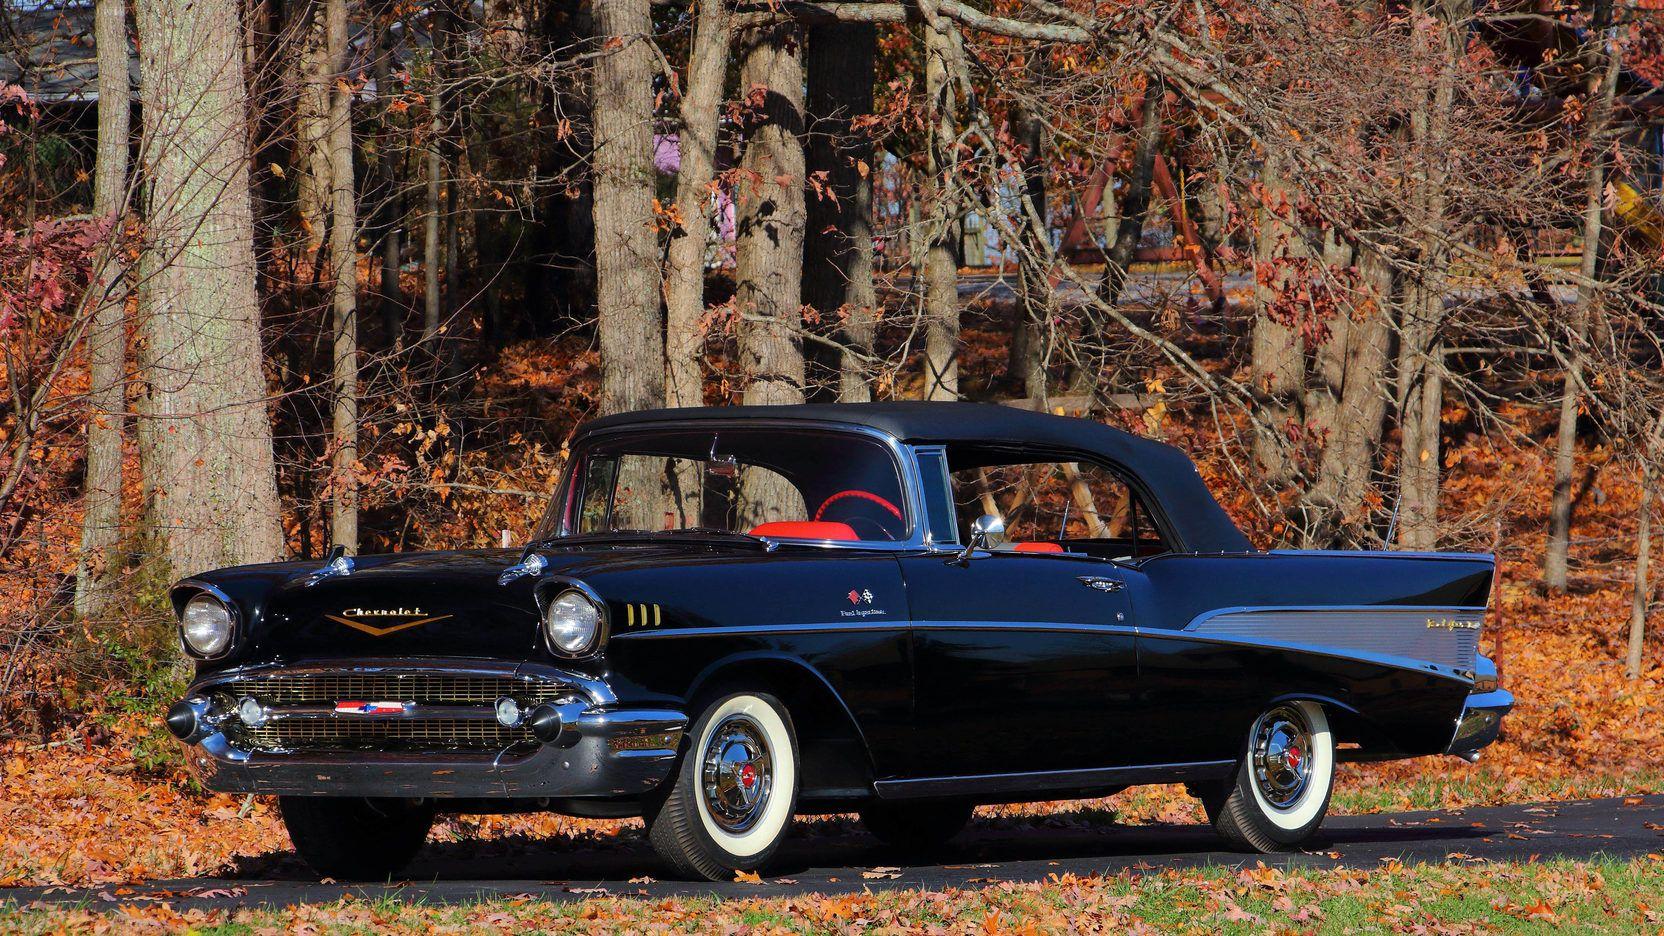 1957 Chevrolet Bel Air Convertible FuelInjected 283/283